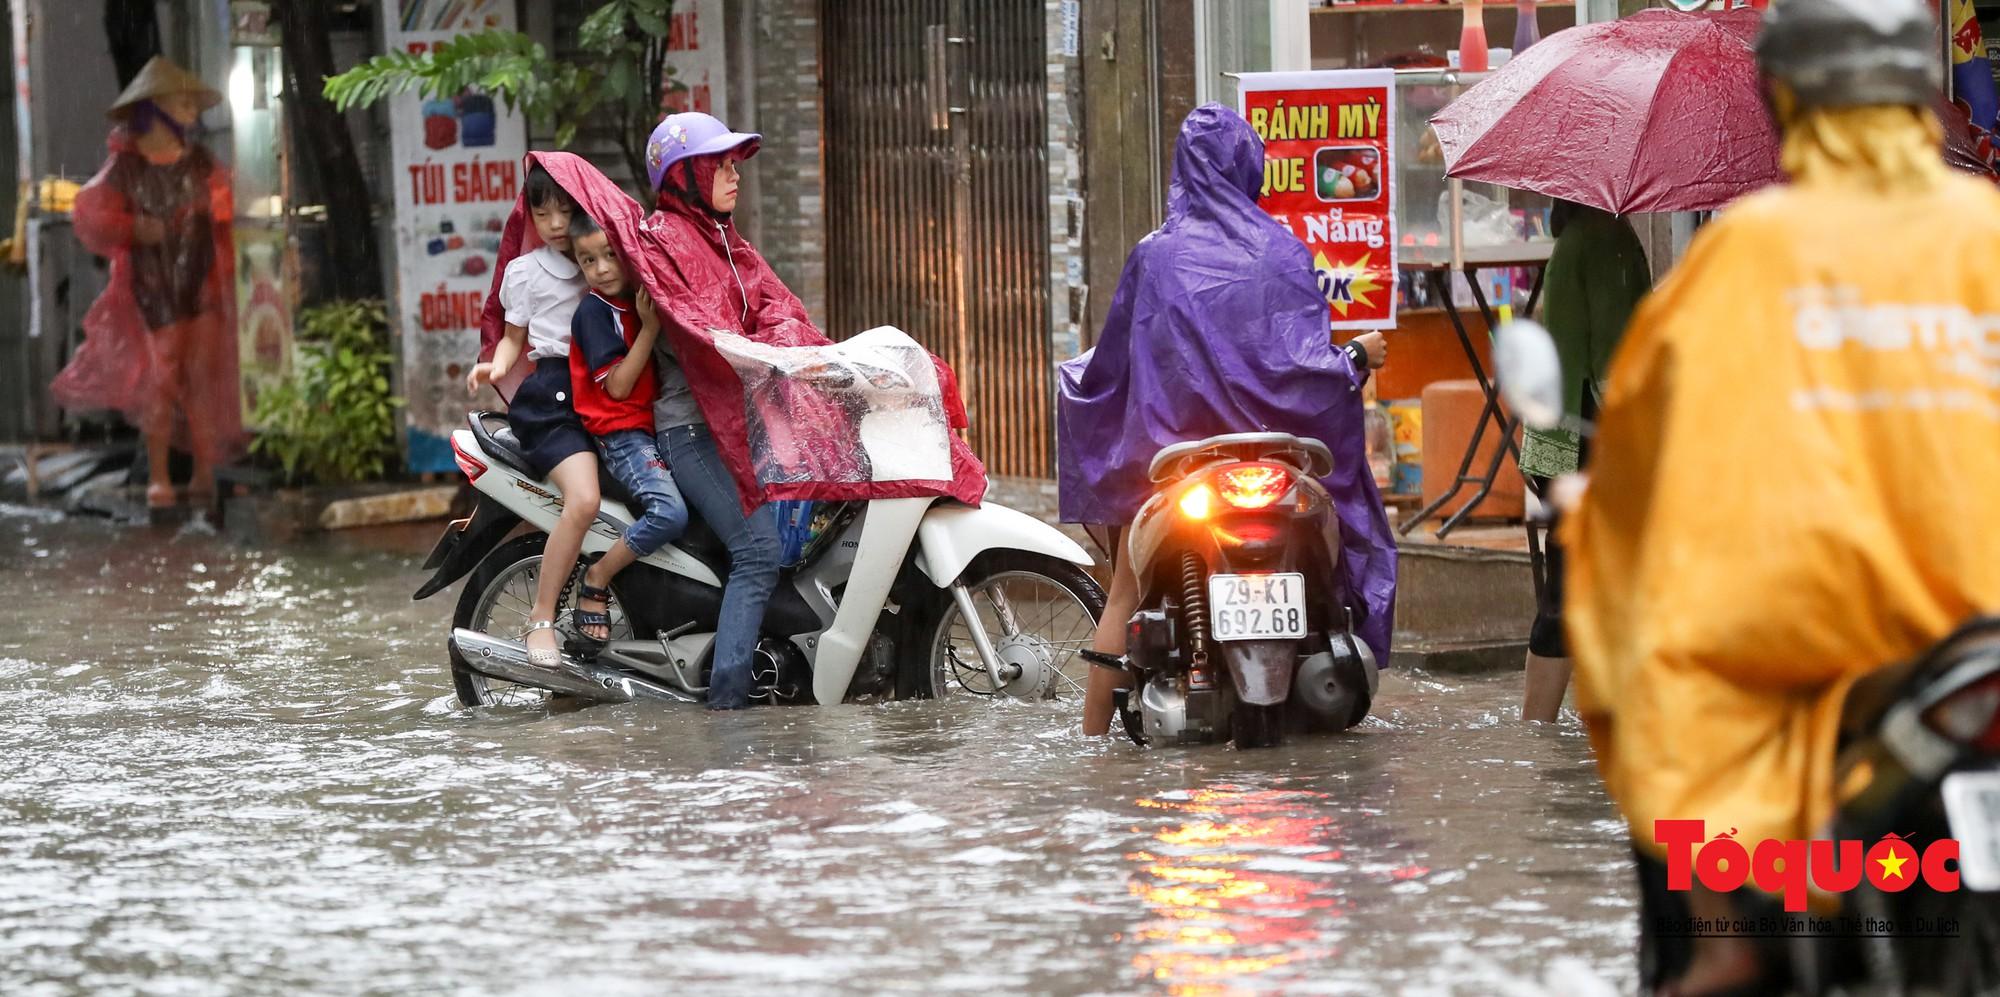 Hình ảnh xưa nay hiếm ở Thủ đô Hà Nội  cha mẹ cõng con vượt sông trong phố đến trường6